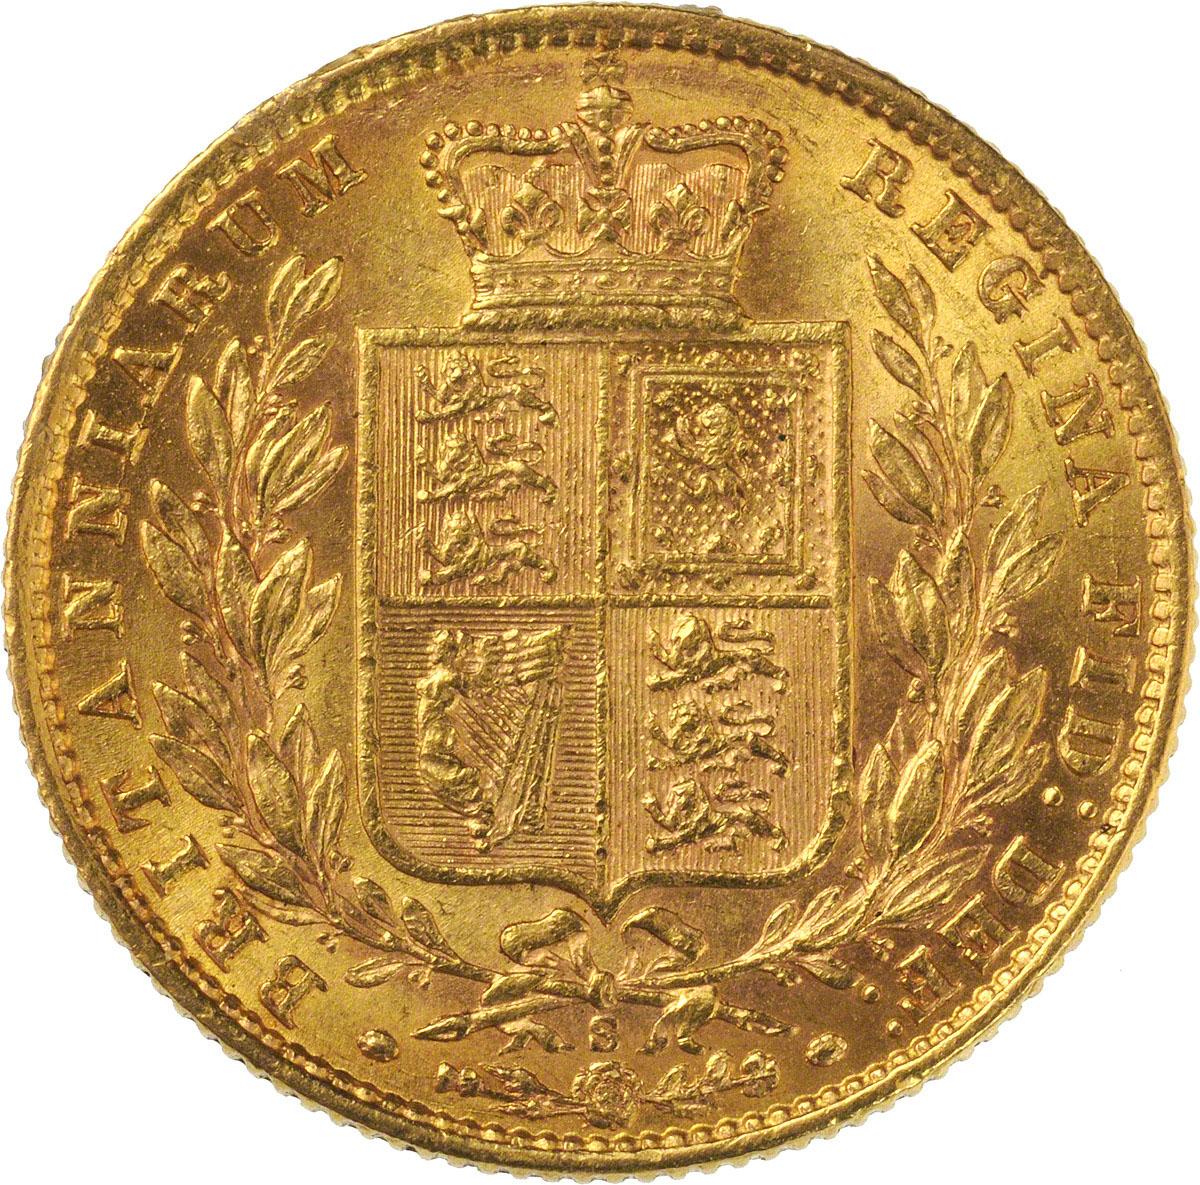 1871 Βικτώρια – Θυρεός (Νομισματοκοπείο Σίδνεϊ)